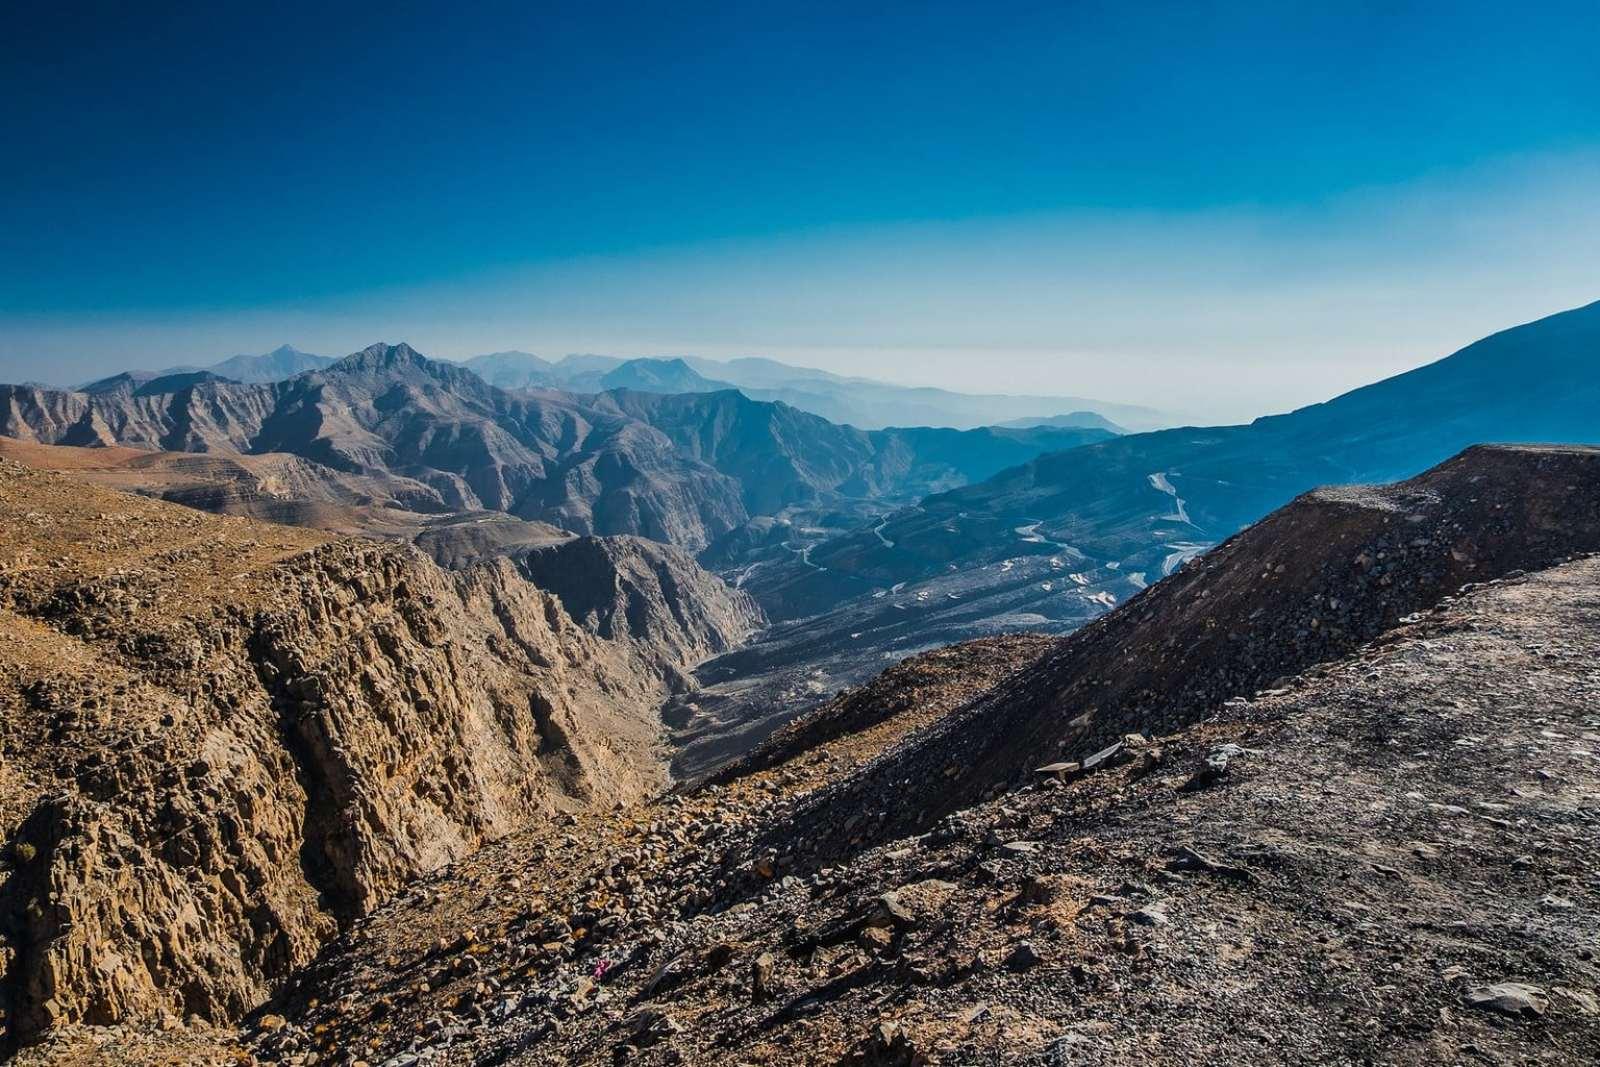 Ras Al Khaimah view